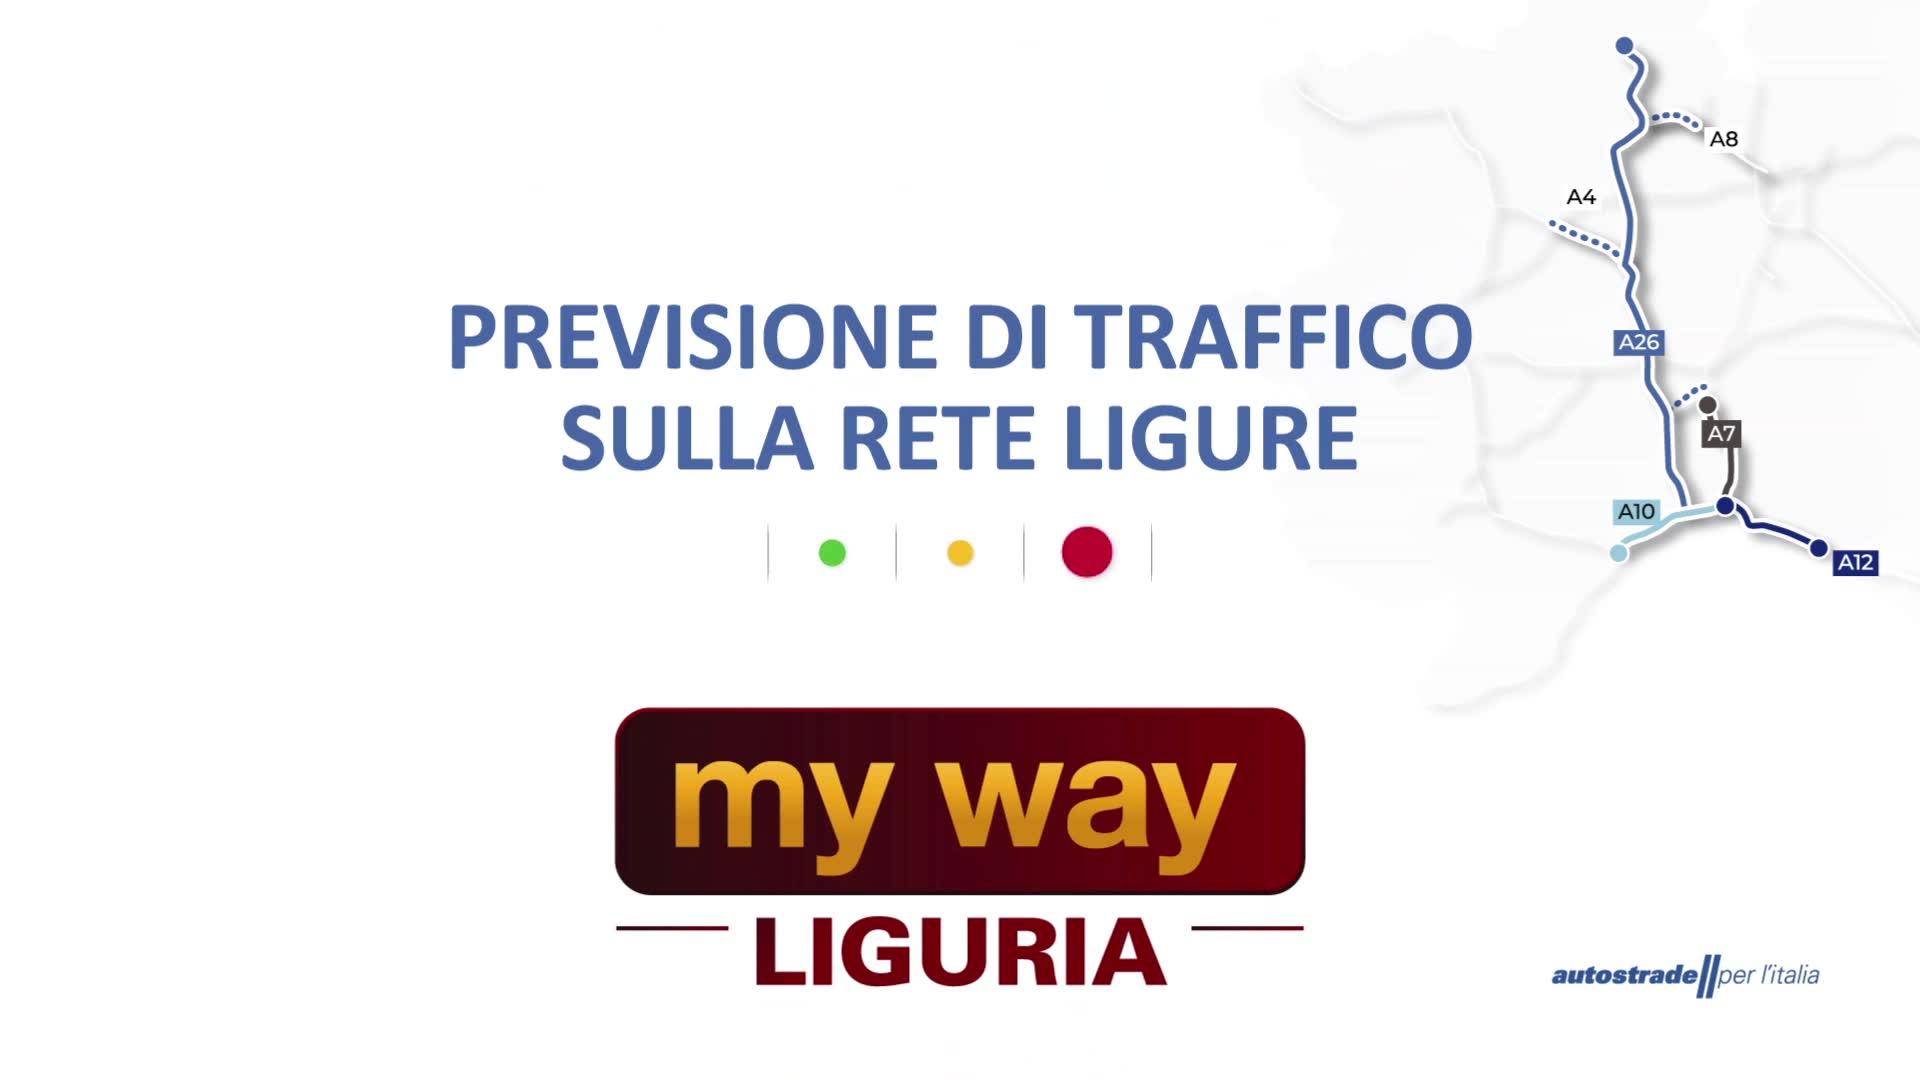 Le previsioni del traffico sulle autostrade della Liguria per la giornata di martedì 3 agosto